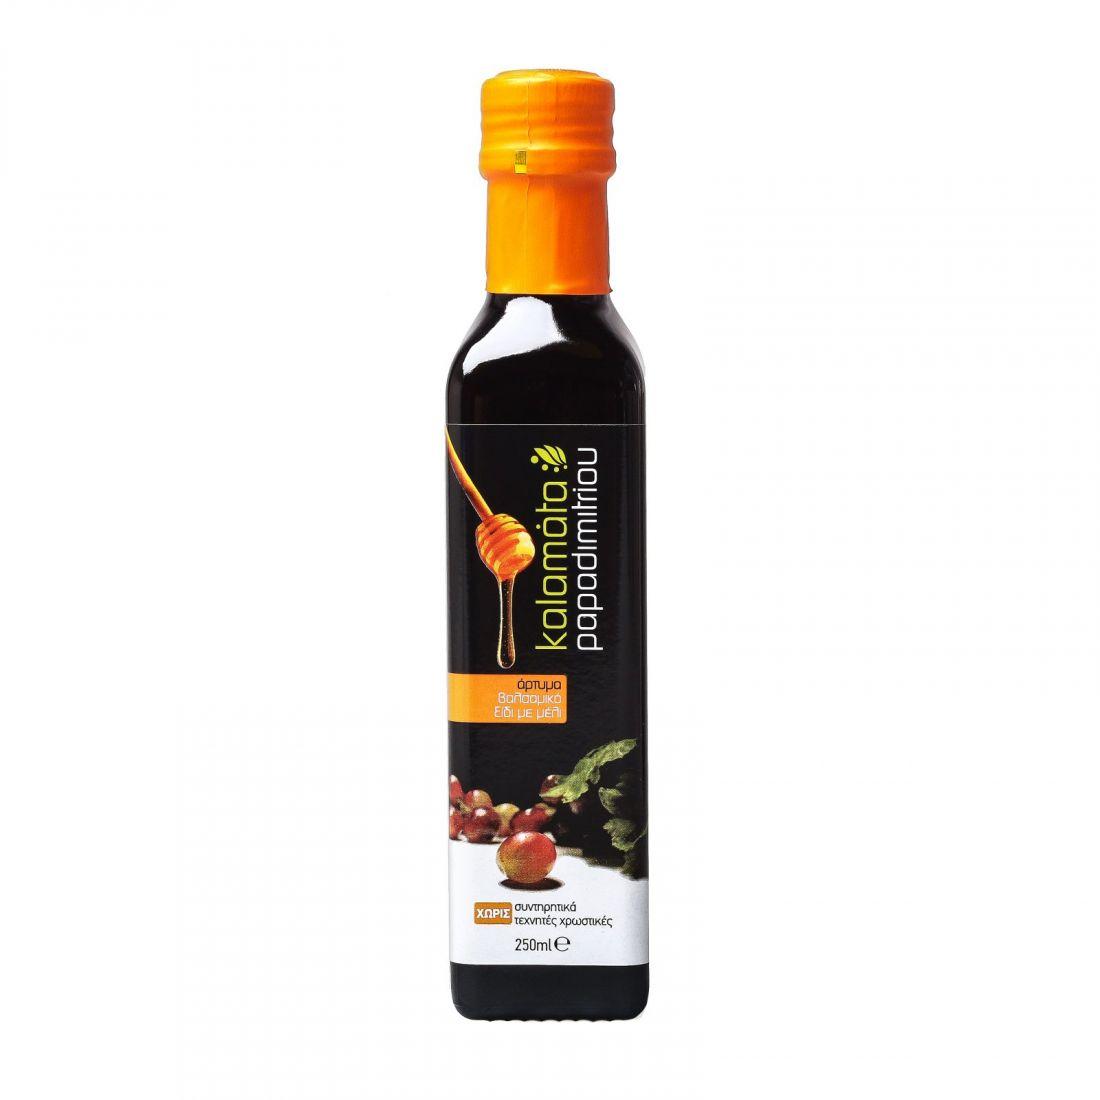 Бальзамический уксус с добавлением меда Kalamata Papadimitriou - 250 мл - в стекле